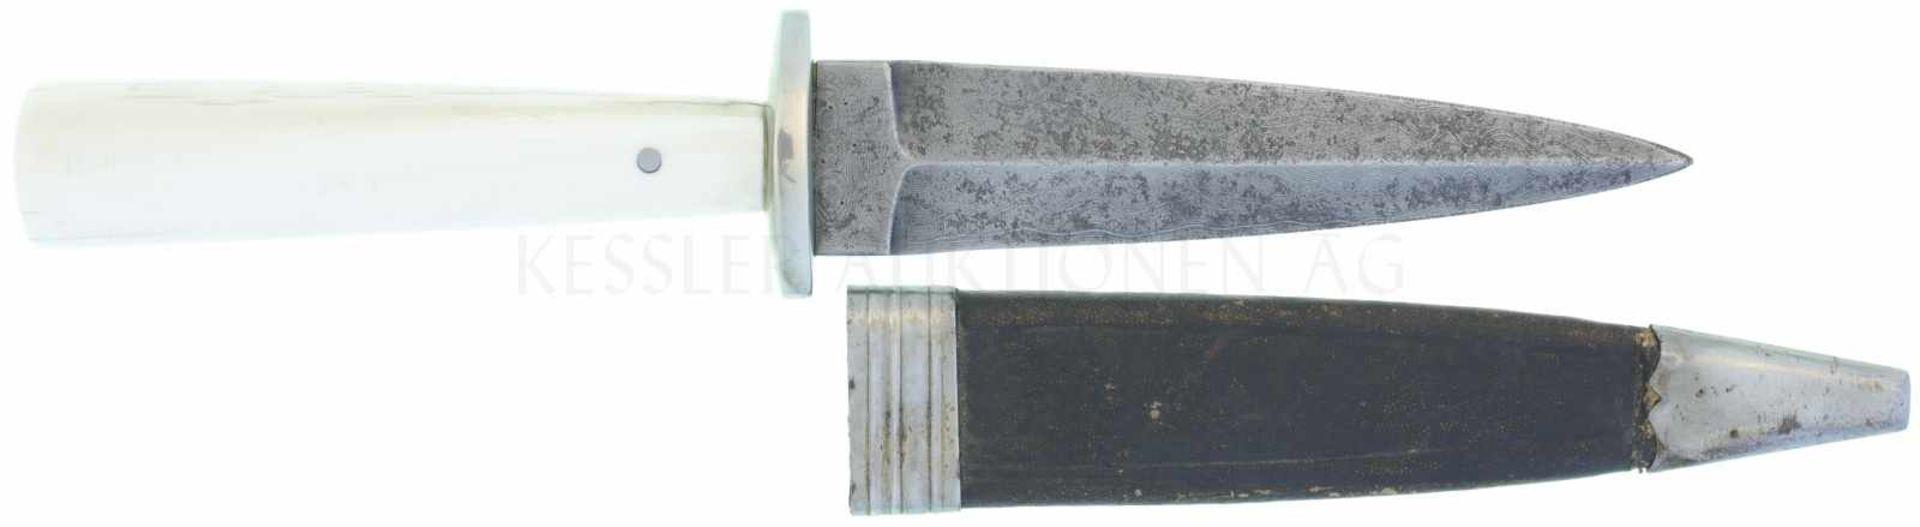 Los 30 - Dolch Vetter um 1830 KL 114mm, TL 215mm, symmetrische Damastklinge mit Mittelgrat, Ricasso,